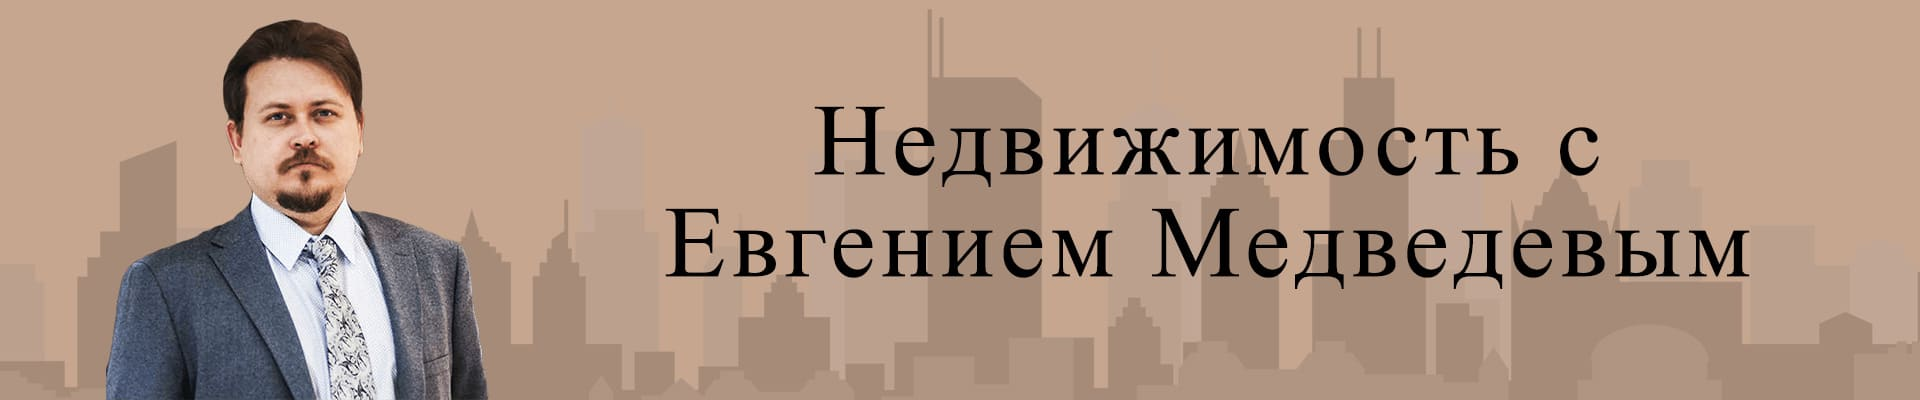 Медведев картинка в шапке